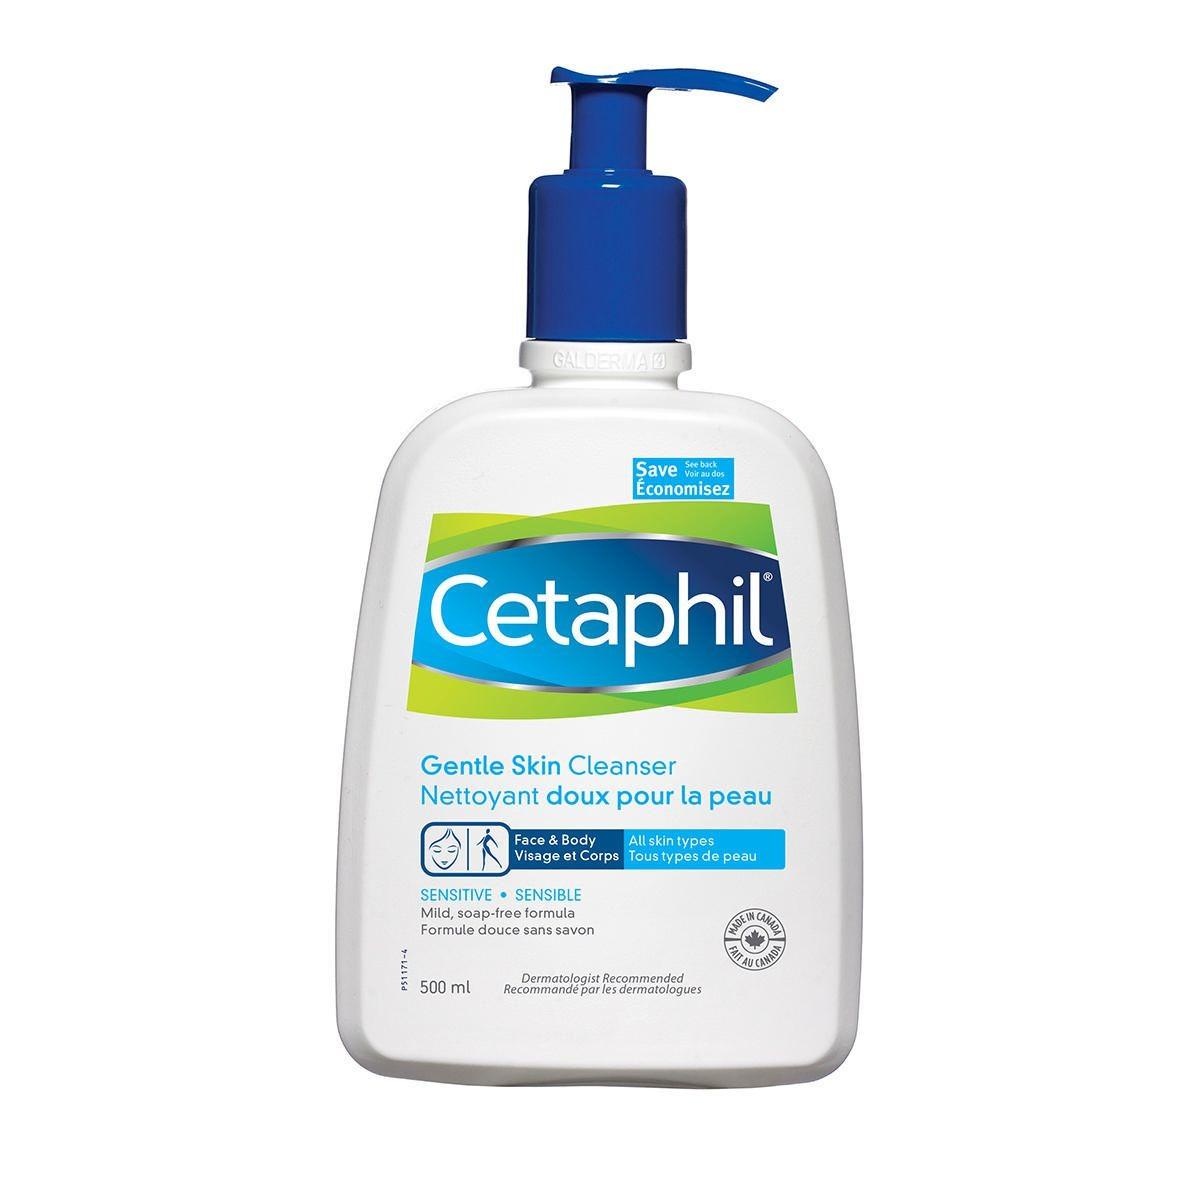 افضل غسول للبشرة المختلطة - غسول سيتافيل اللطيف للبشرة المختلطة CETAPHIL GENTLE FOAMING CLEANSER